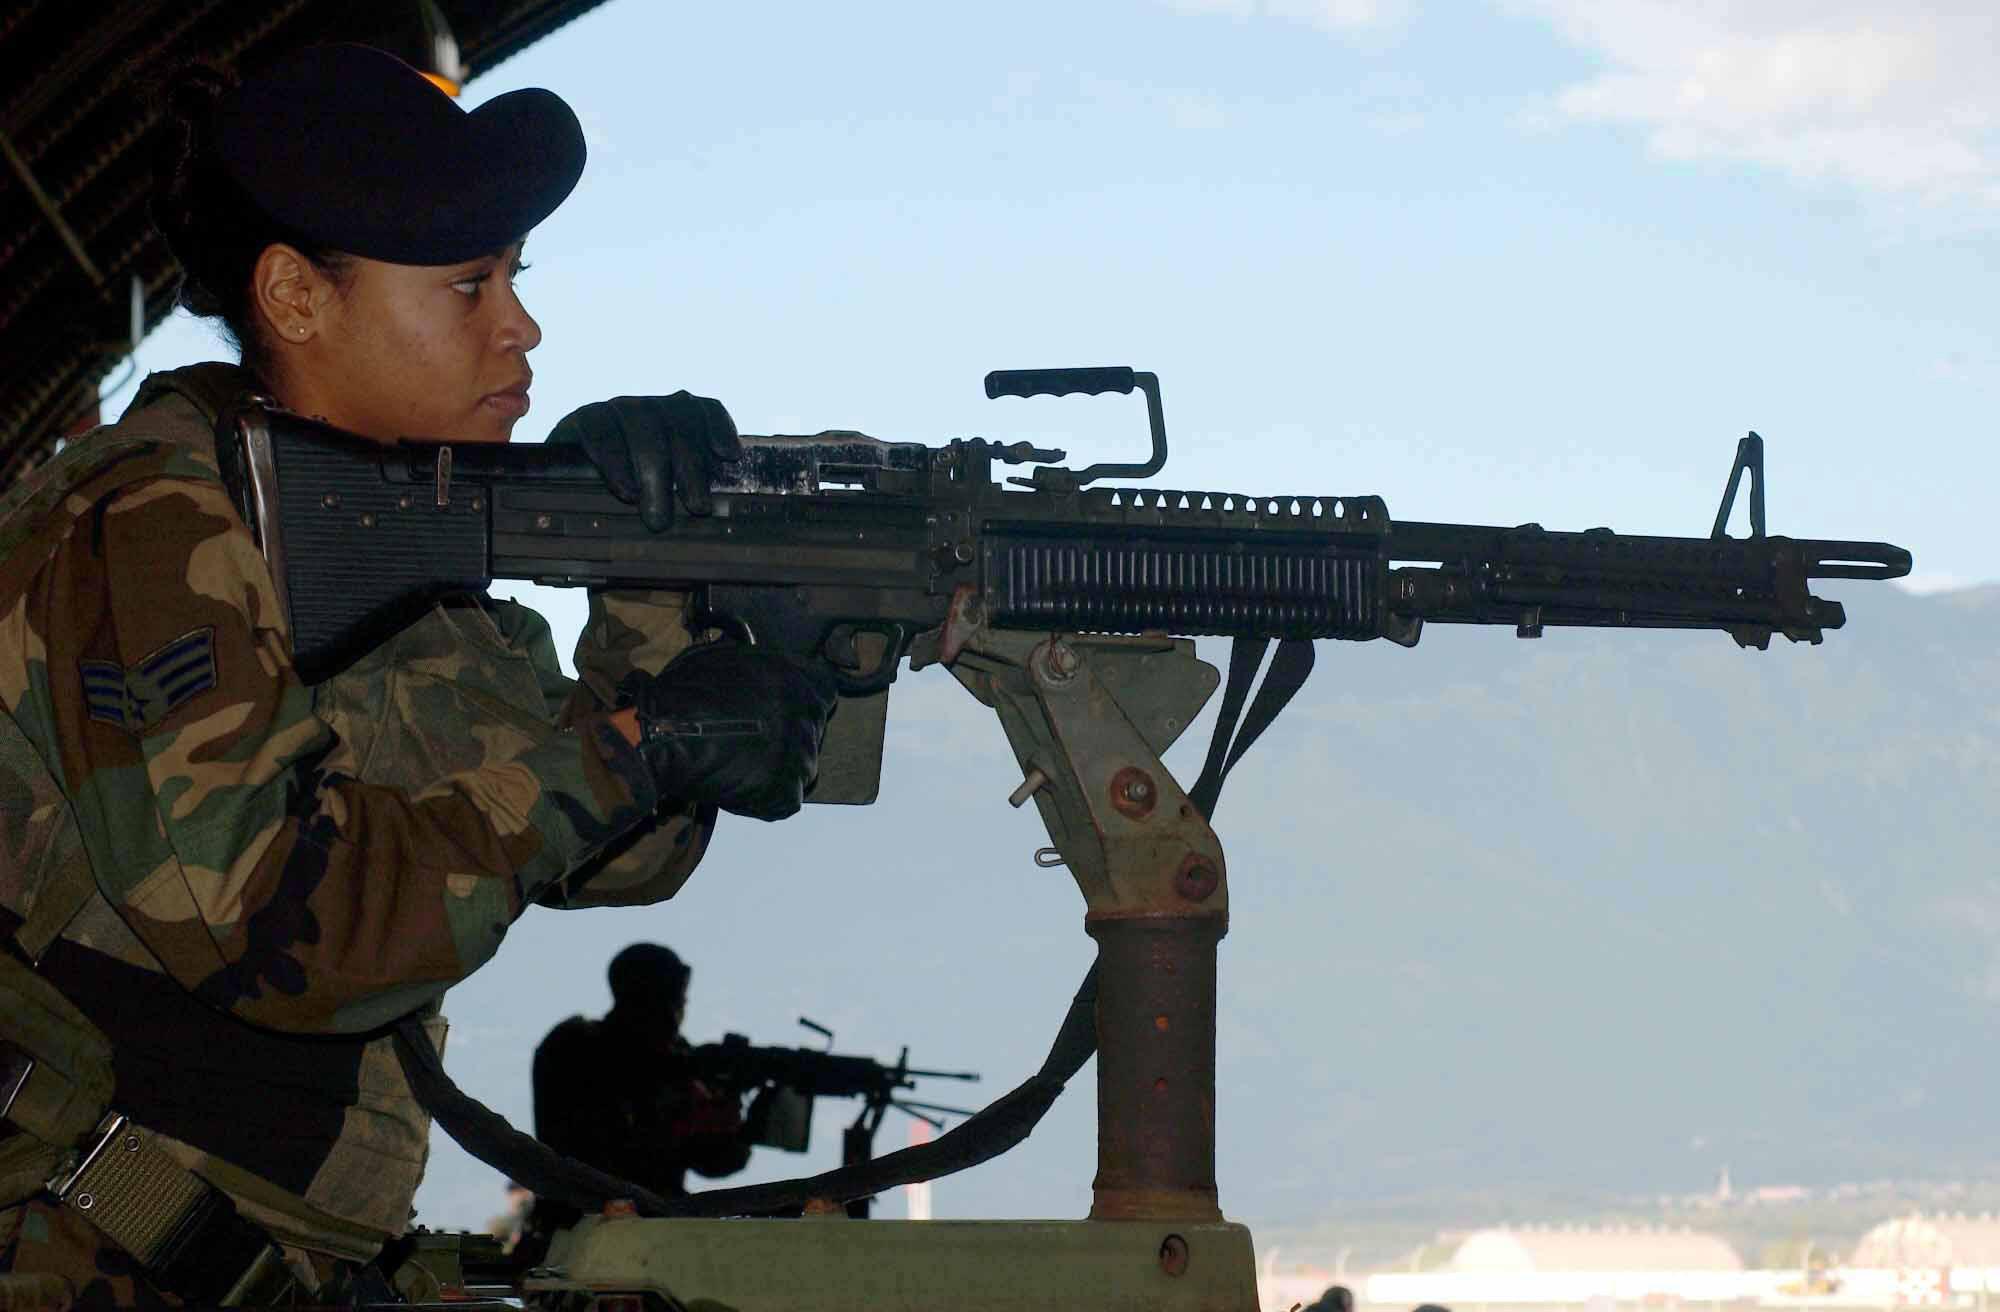 M60 MACHINE GUN military rifle weapon soldier t wallpaper background 2000x1312